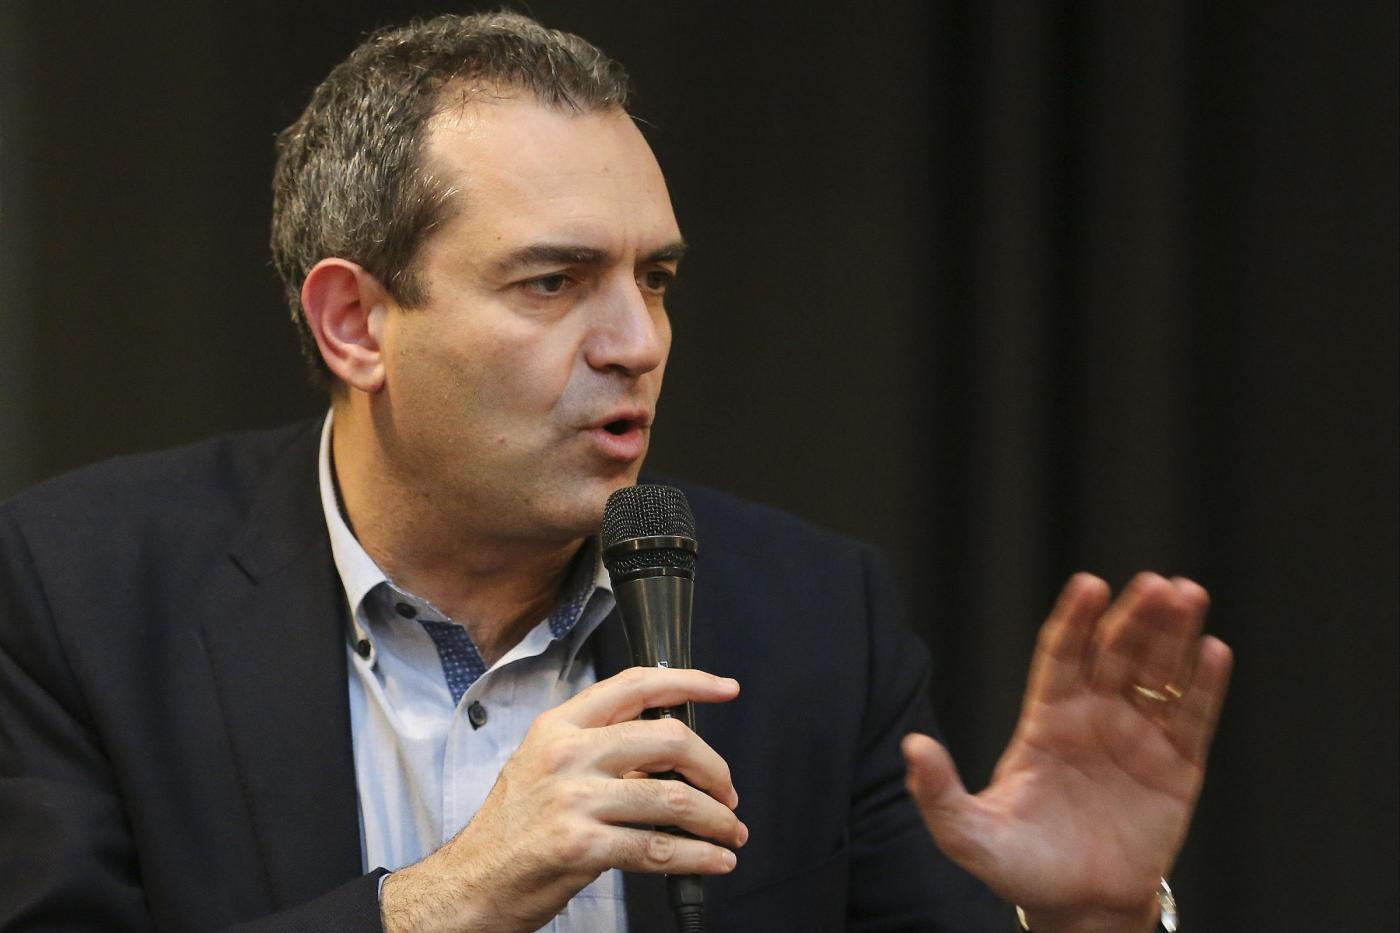 Ballottaggio Napoli 2016: Luigi de Magistris è il nuovo sindaco di centrosinistra